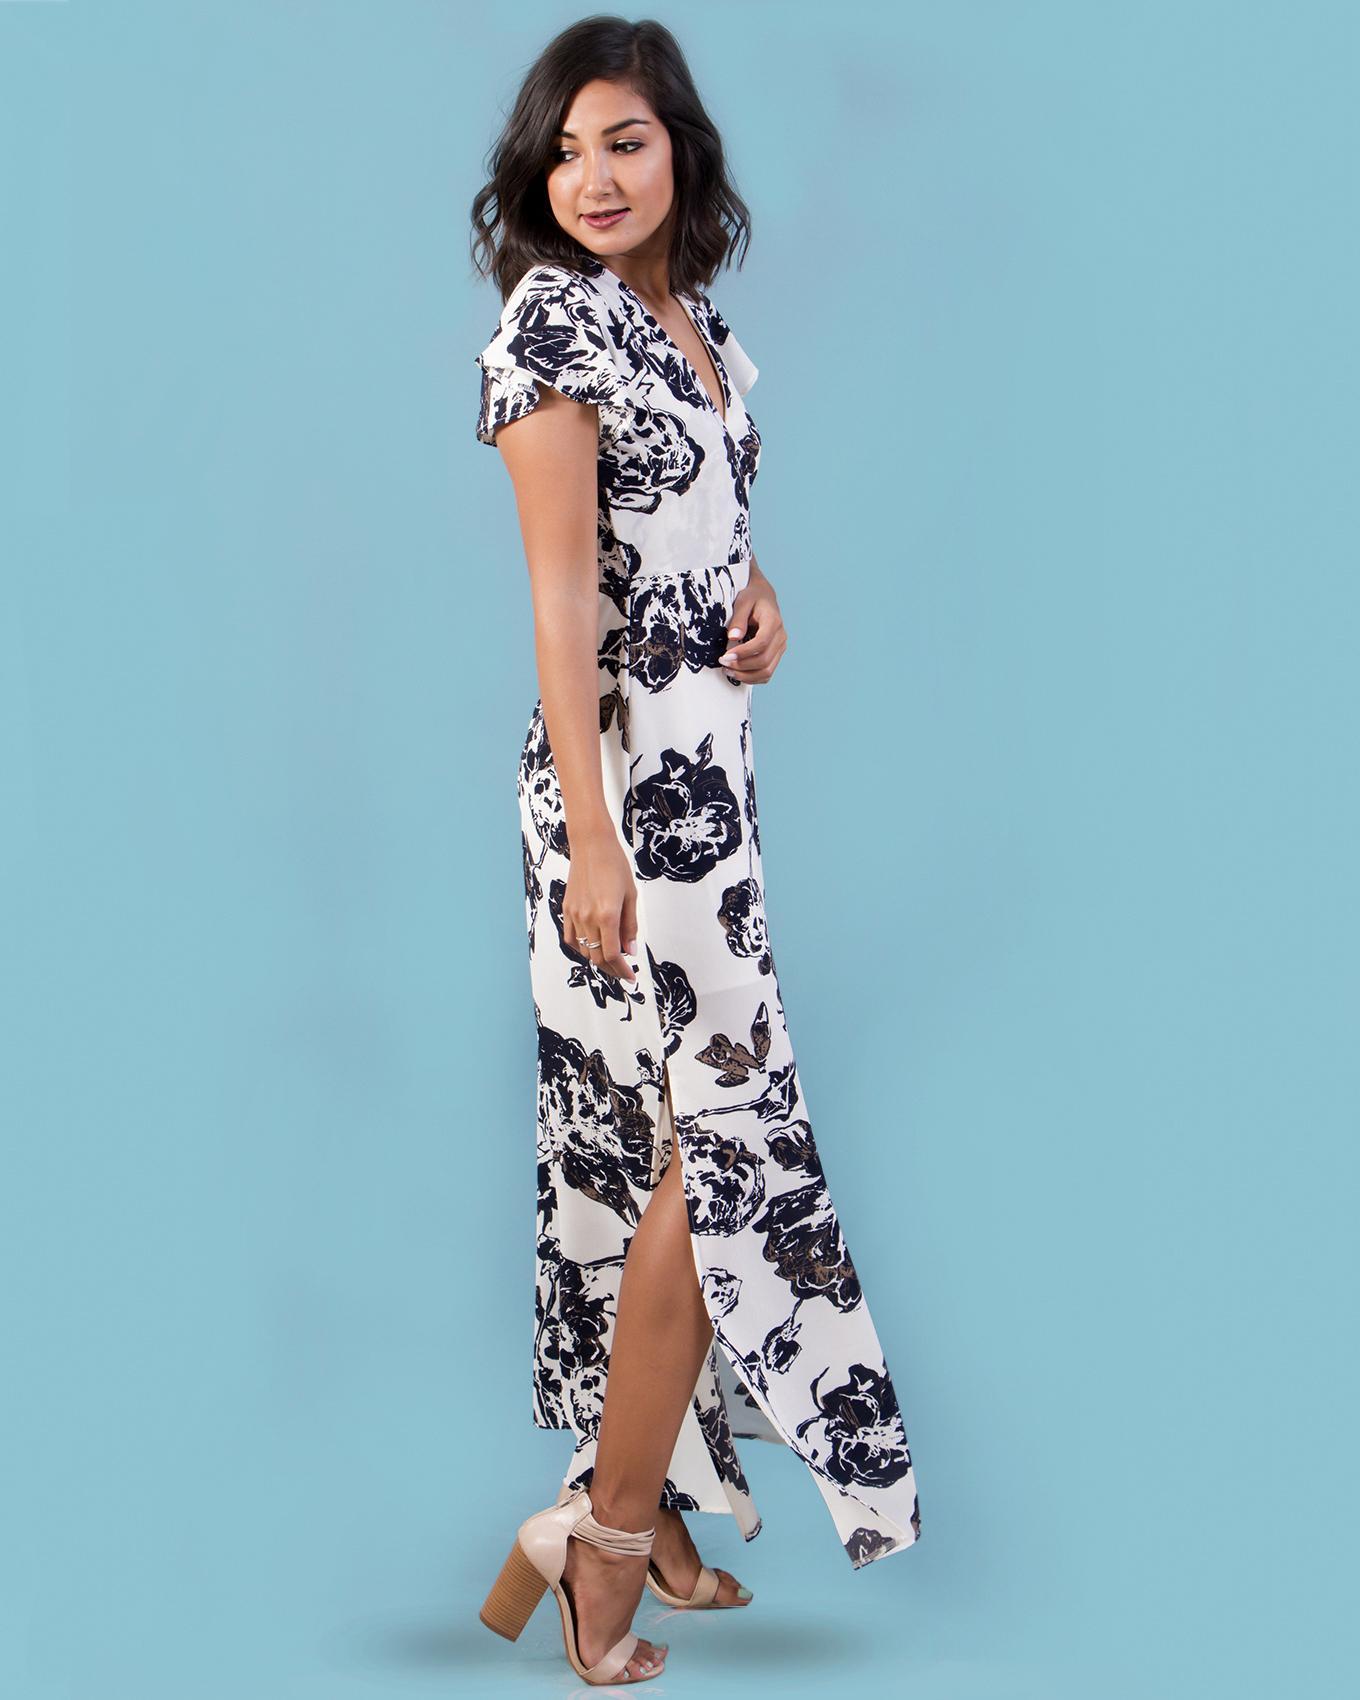 Lemonloco Overlap Maxi Dress with Side Slit